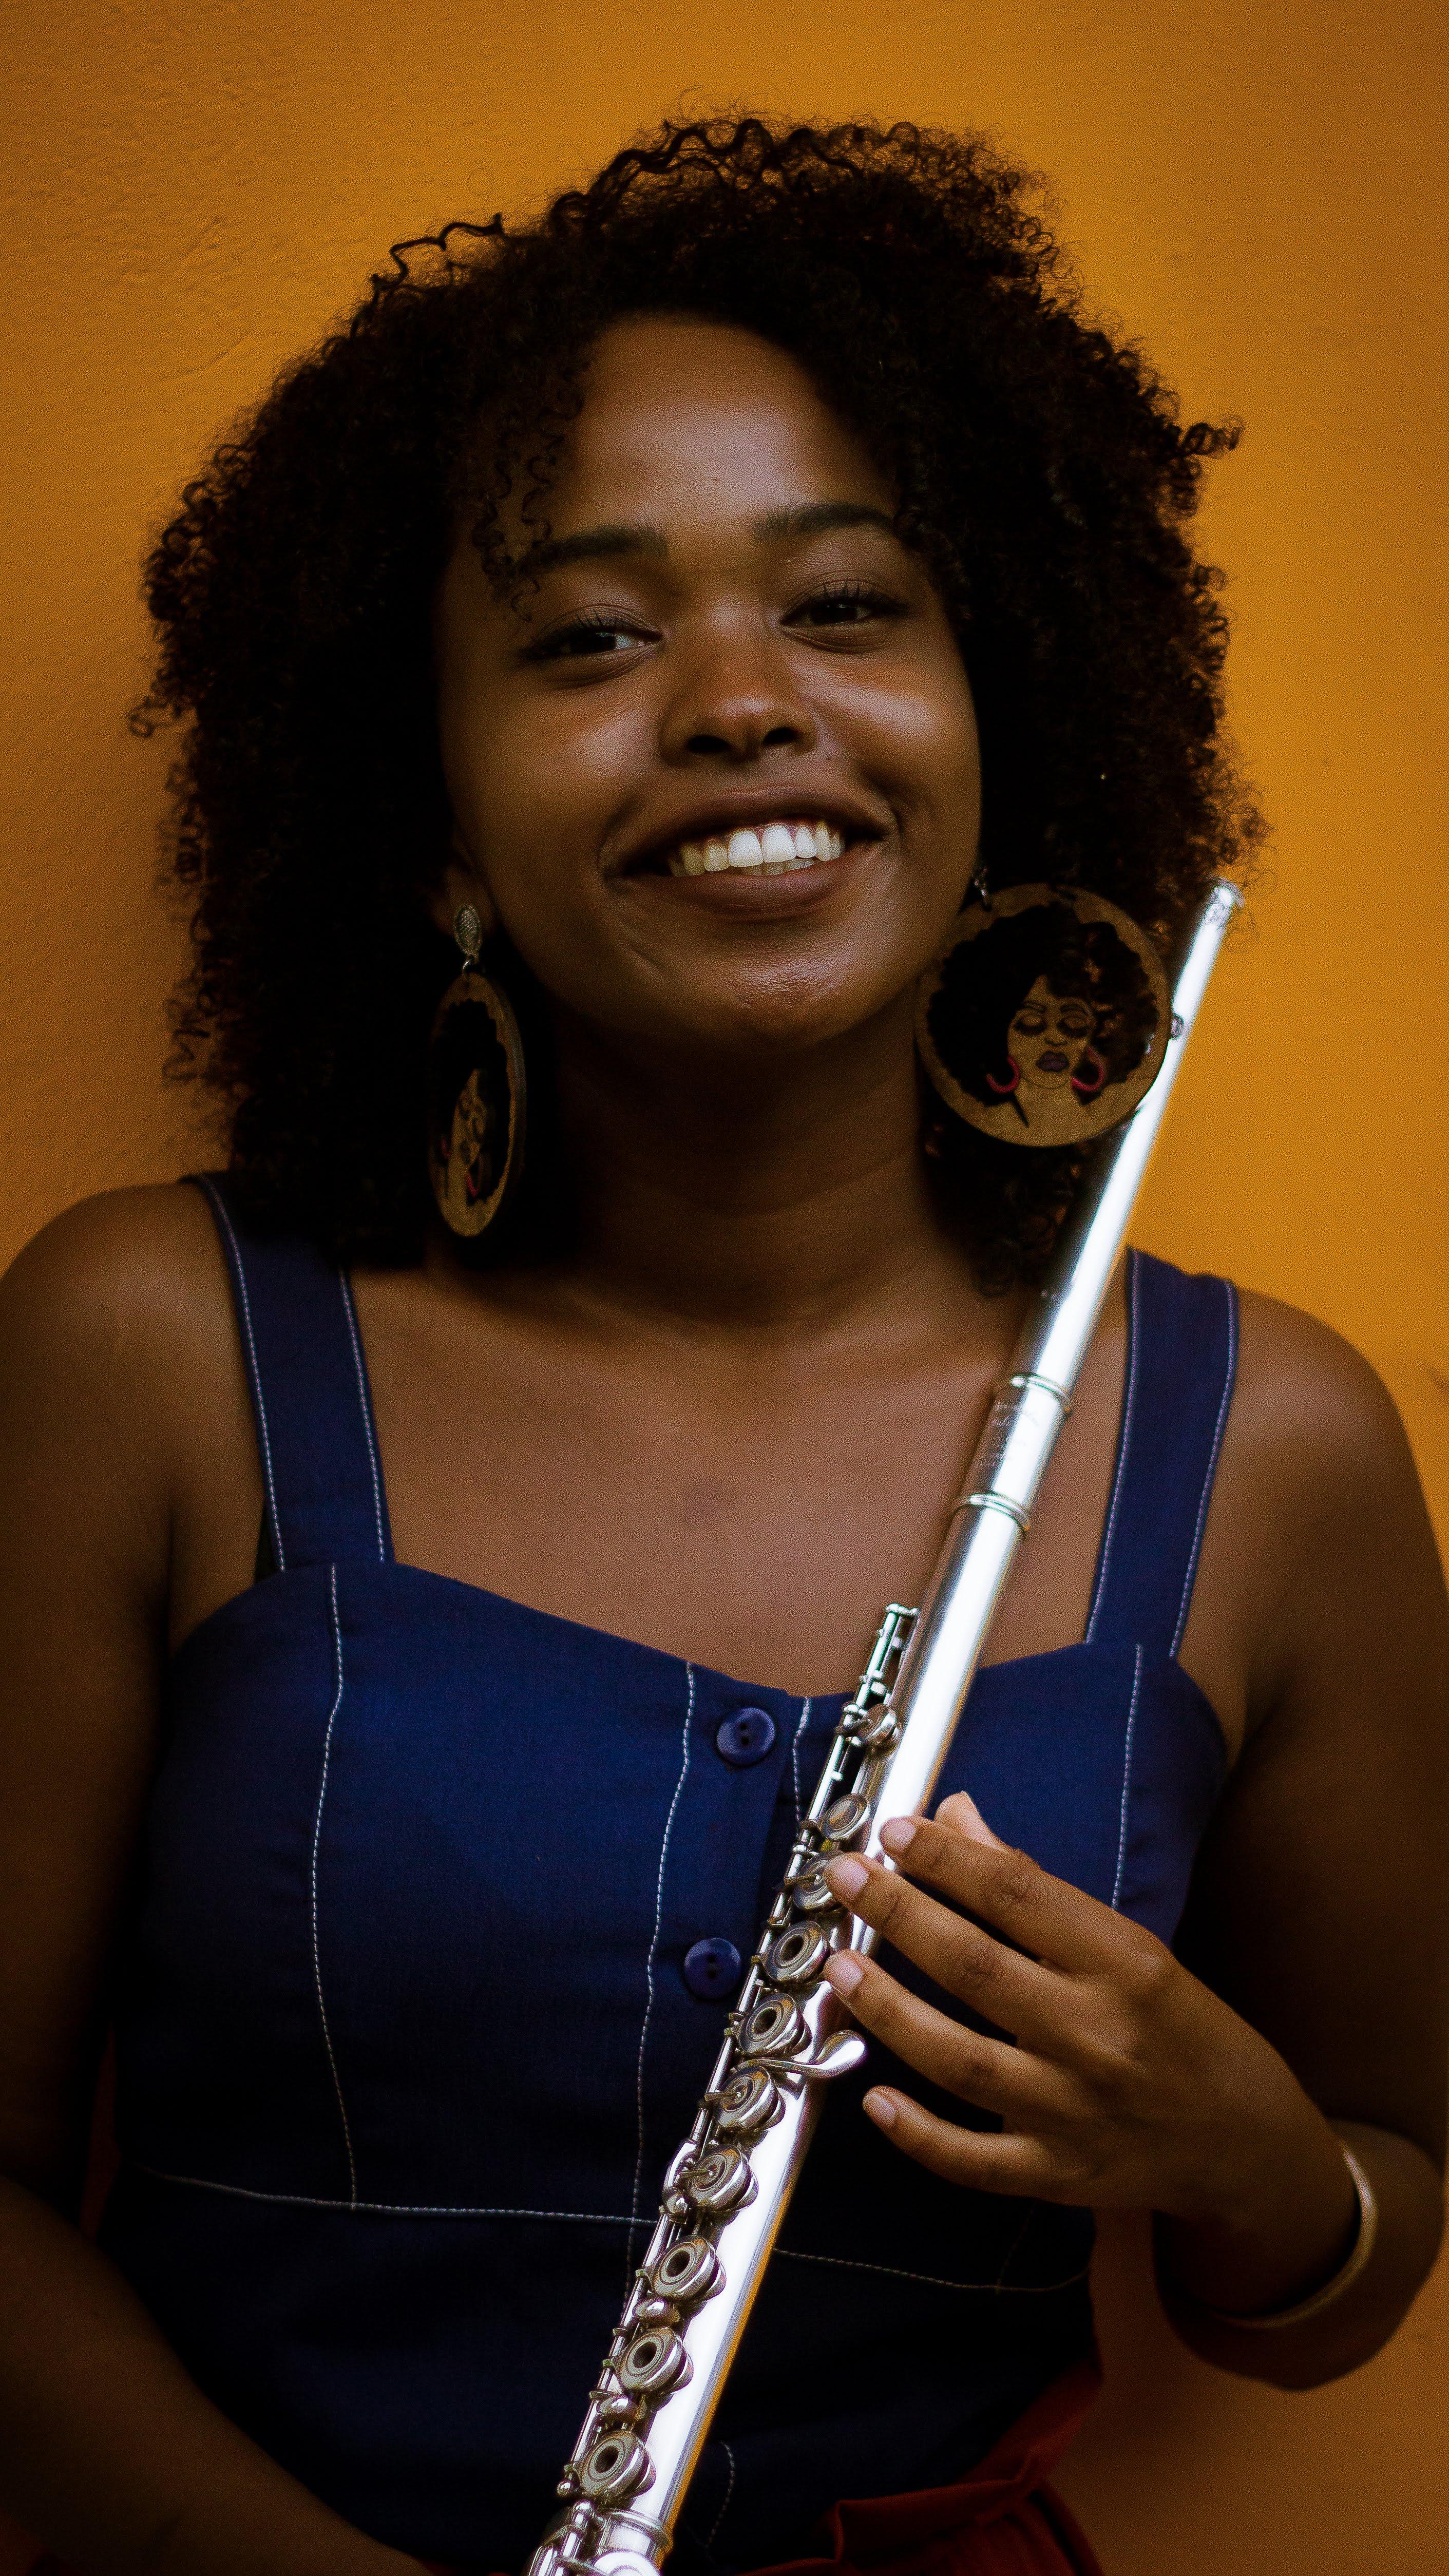 Bacharelado Música * Recital de Formatura * GABRIELLI COELHO NOGUEIRA DA SILVA flauta classe | Prof. Rogerio Wolf